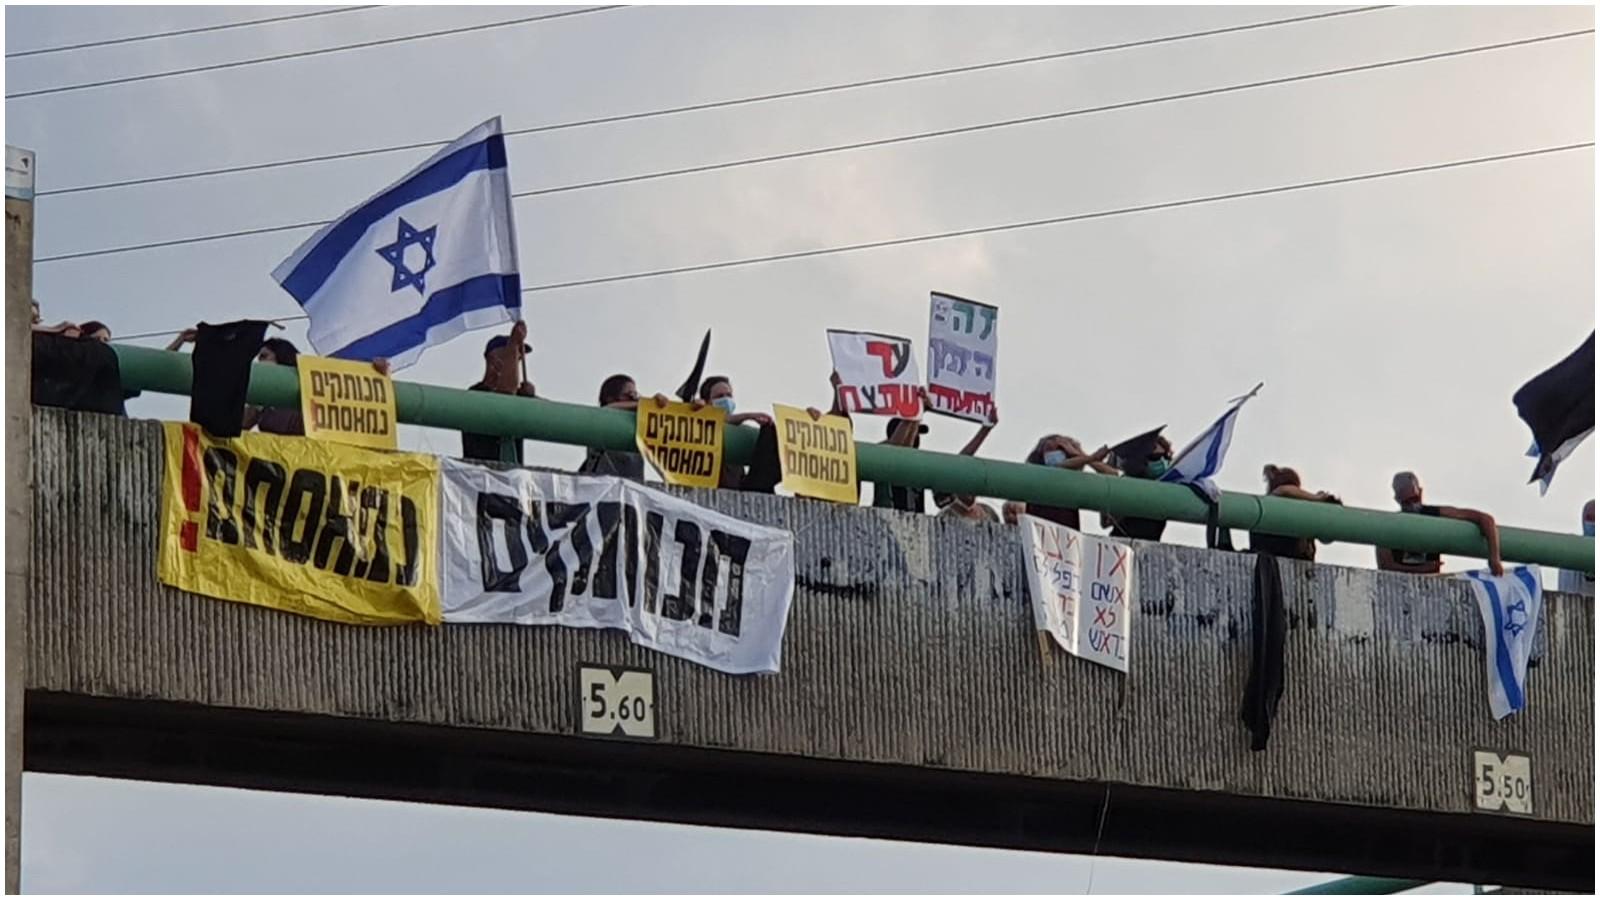 מחאת הדגלים השחורים בגשר רשפון מעל כביש החוף